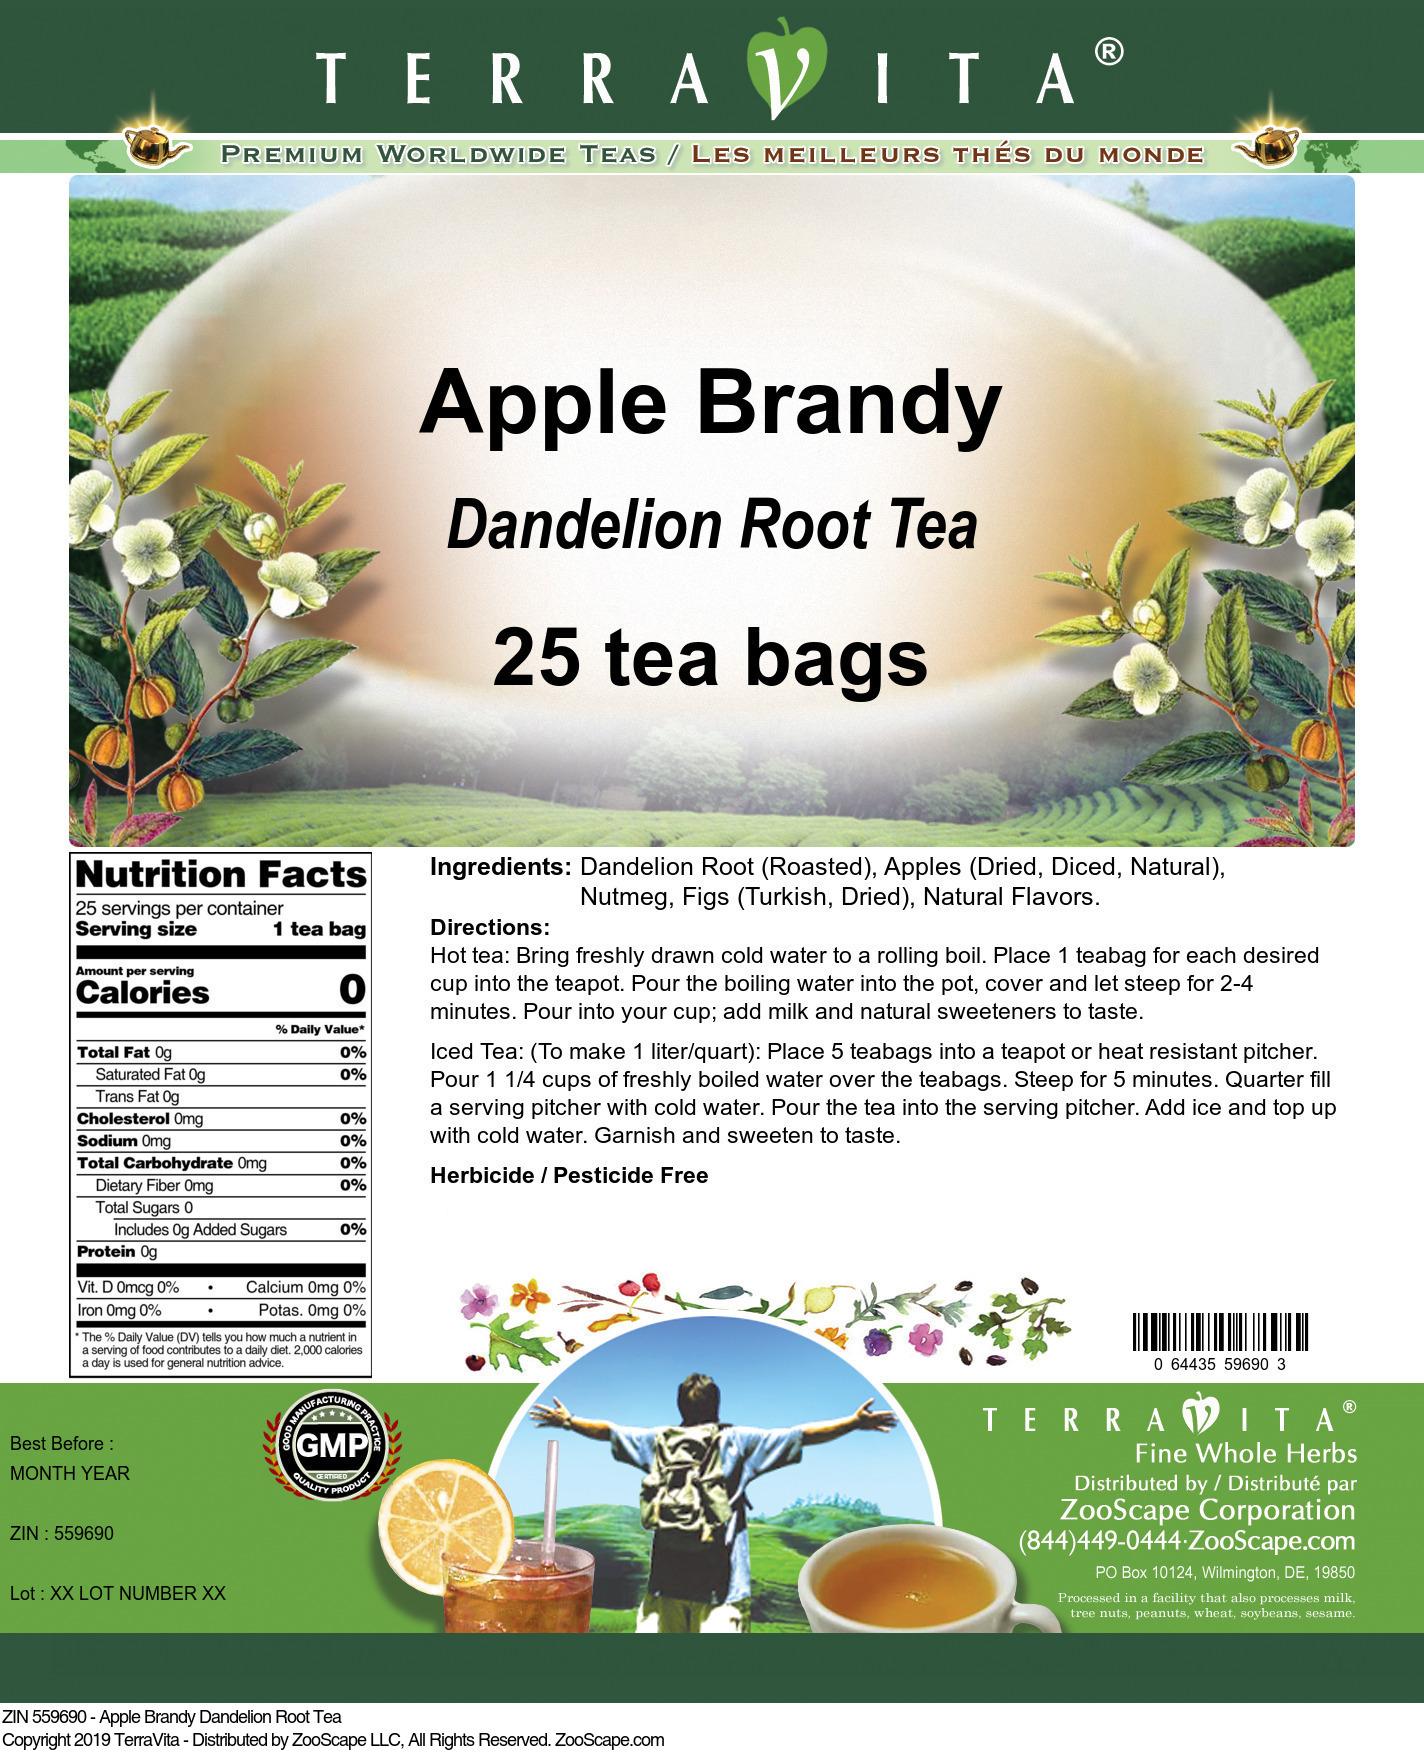 Apple Brandy Dandelion Root Tea